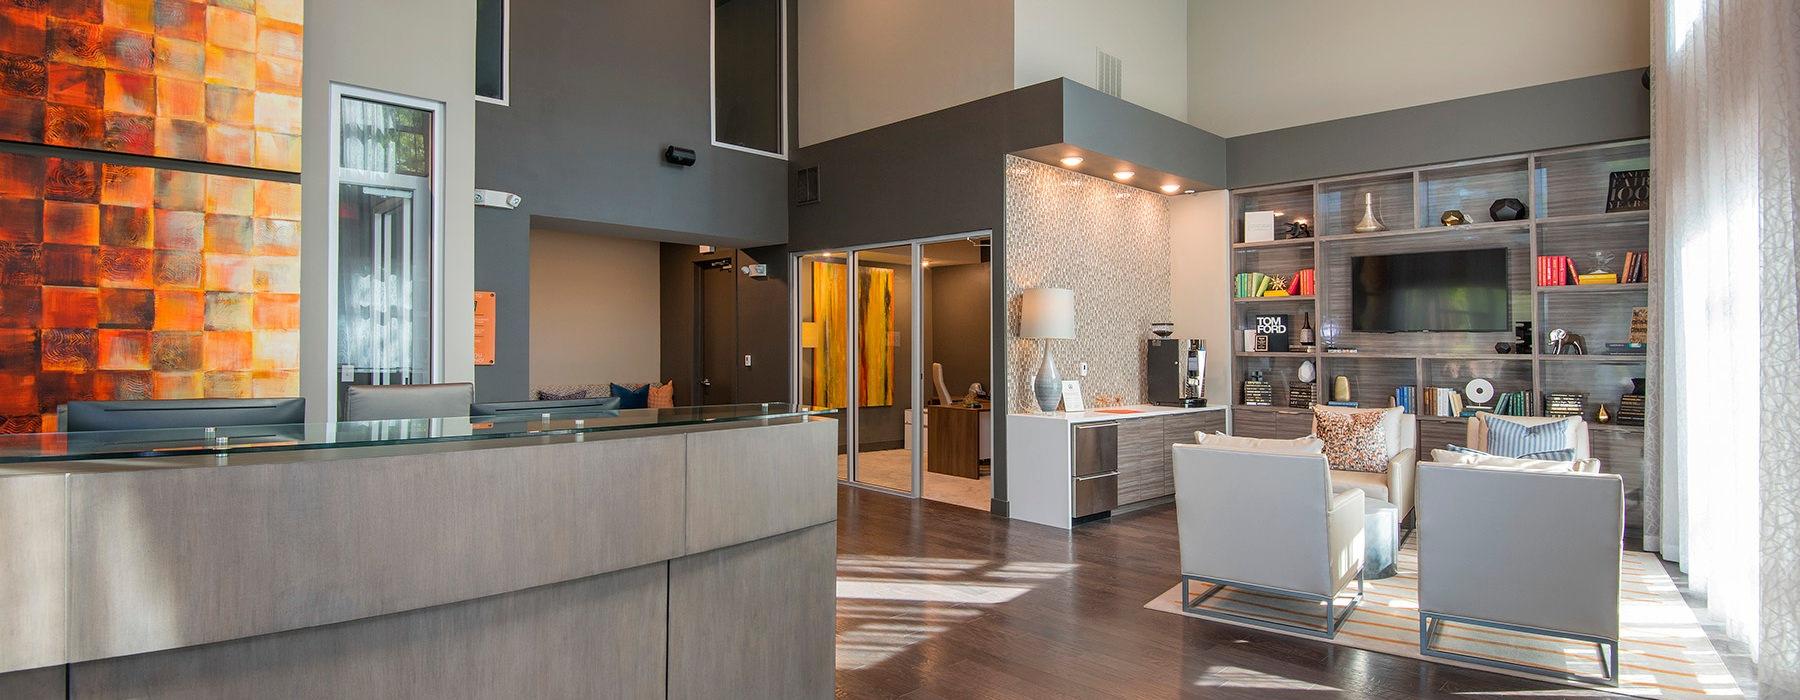 spacious, bright lobby interior